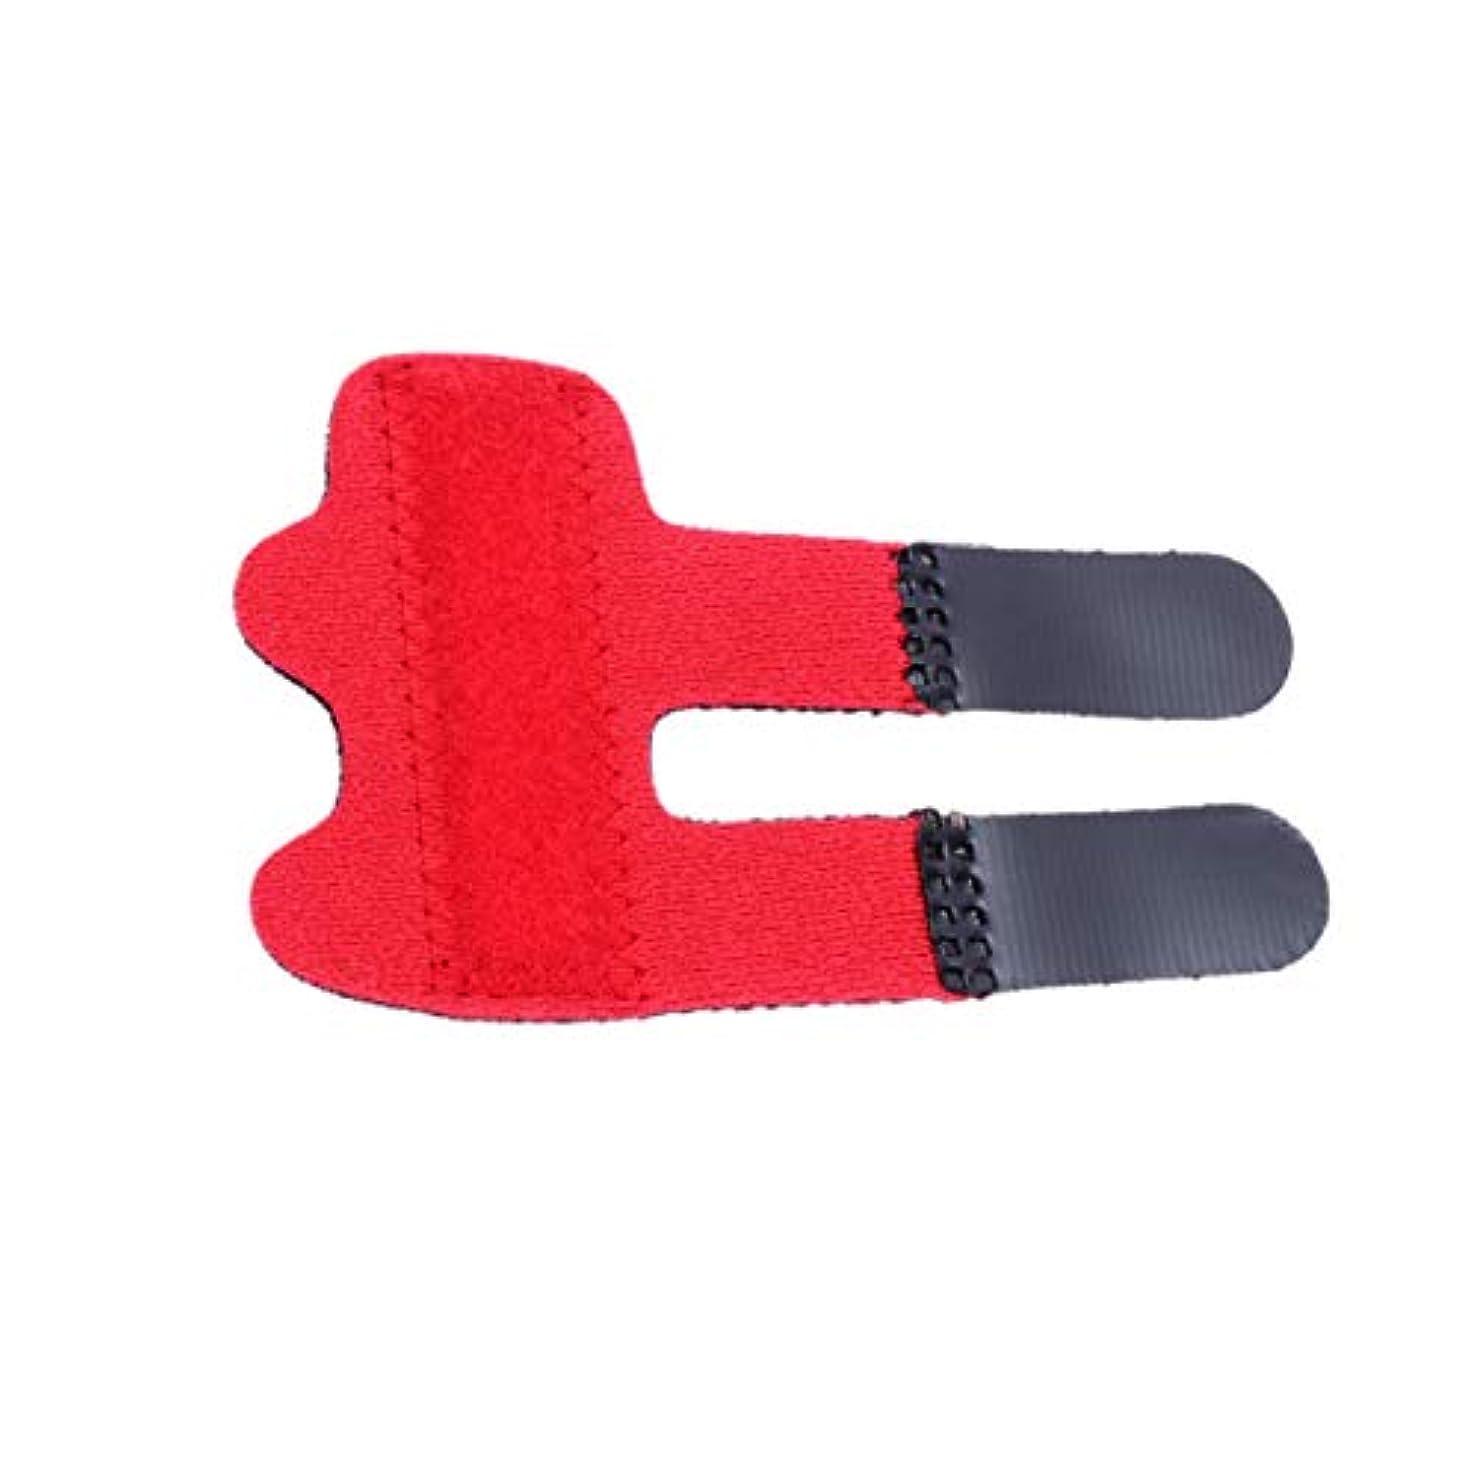 飼い慣らす散文伝染性のHealifty 指の添え木が指の袖を支える親指の添え木ブレースが壊れた指の腱の痛みを和らげます1pc(赤)